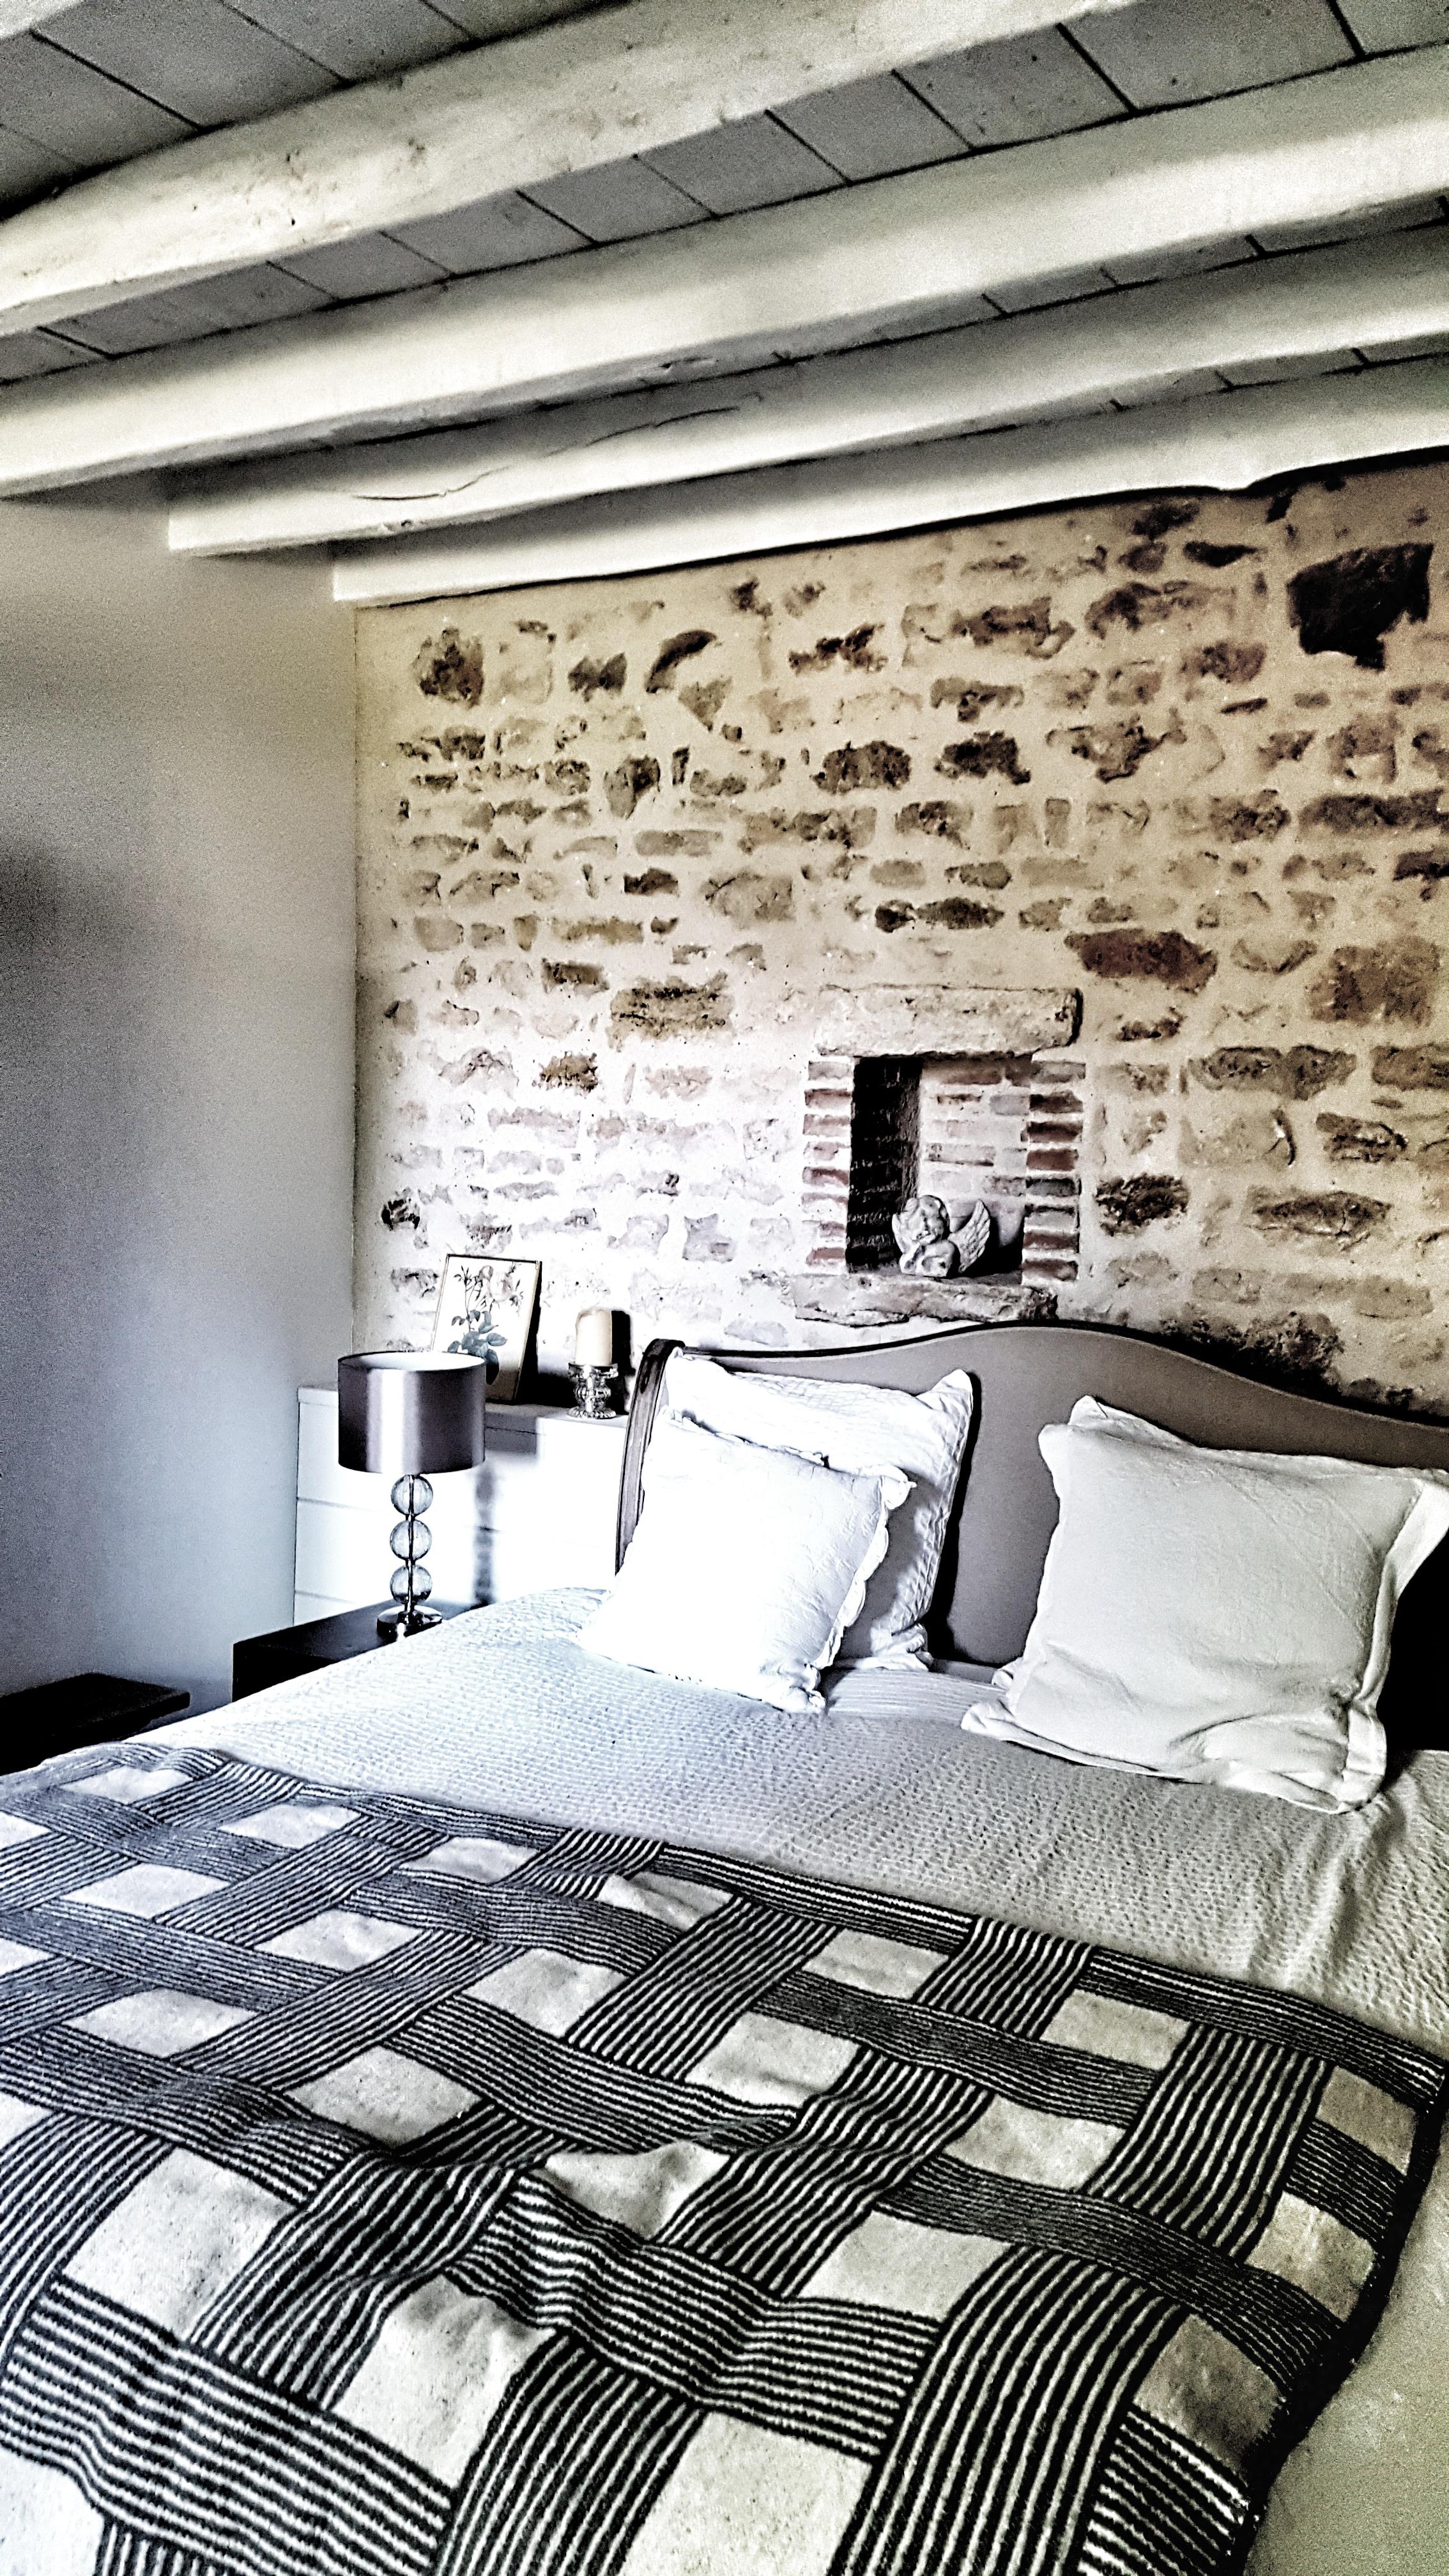 VCH bedroom 3 (1).jpeg